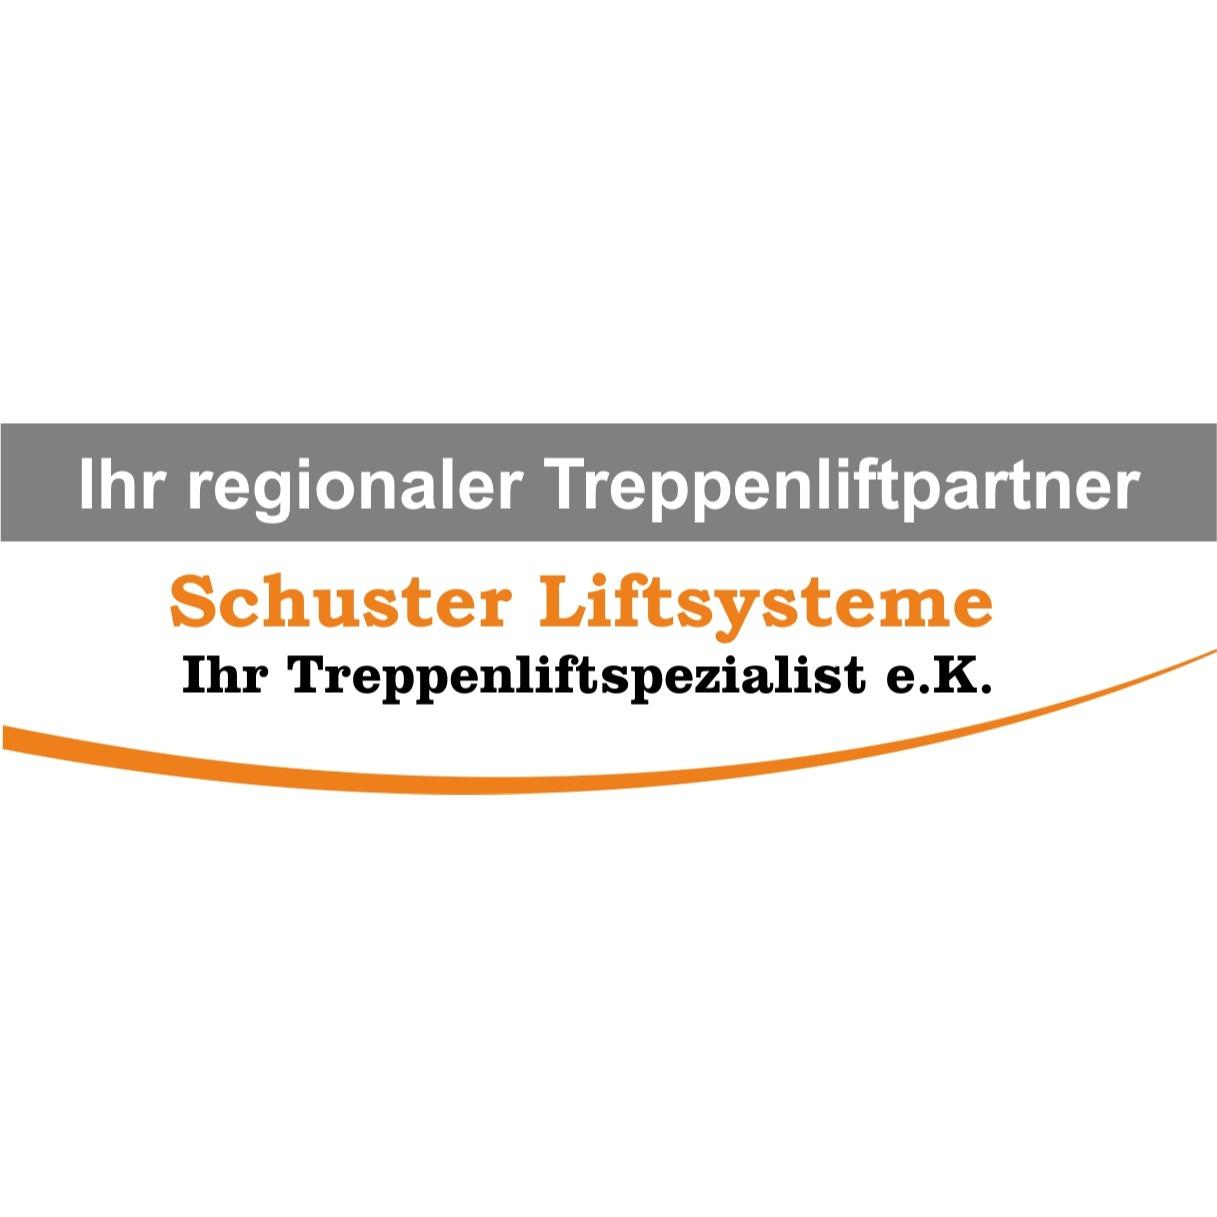 Bild zu Schuster Liftsysteme - Ihr Treppenliftspezialist e.K. Inh. Christian Krahmer in Kahla in Thüringen